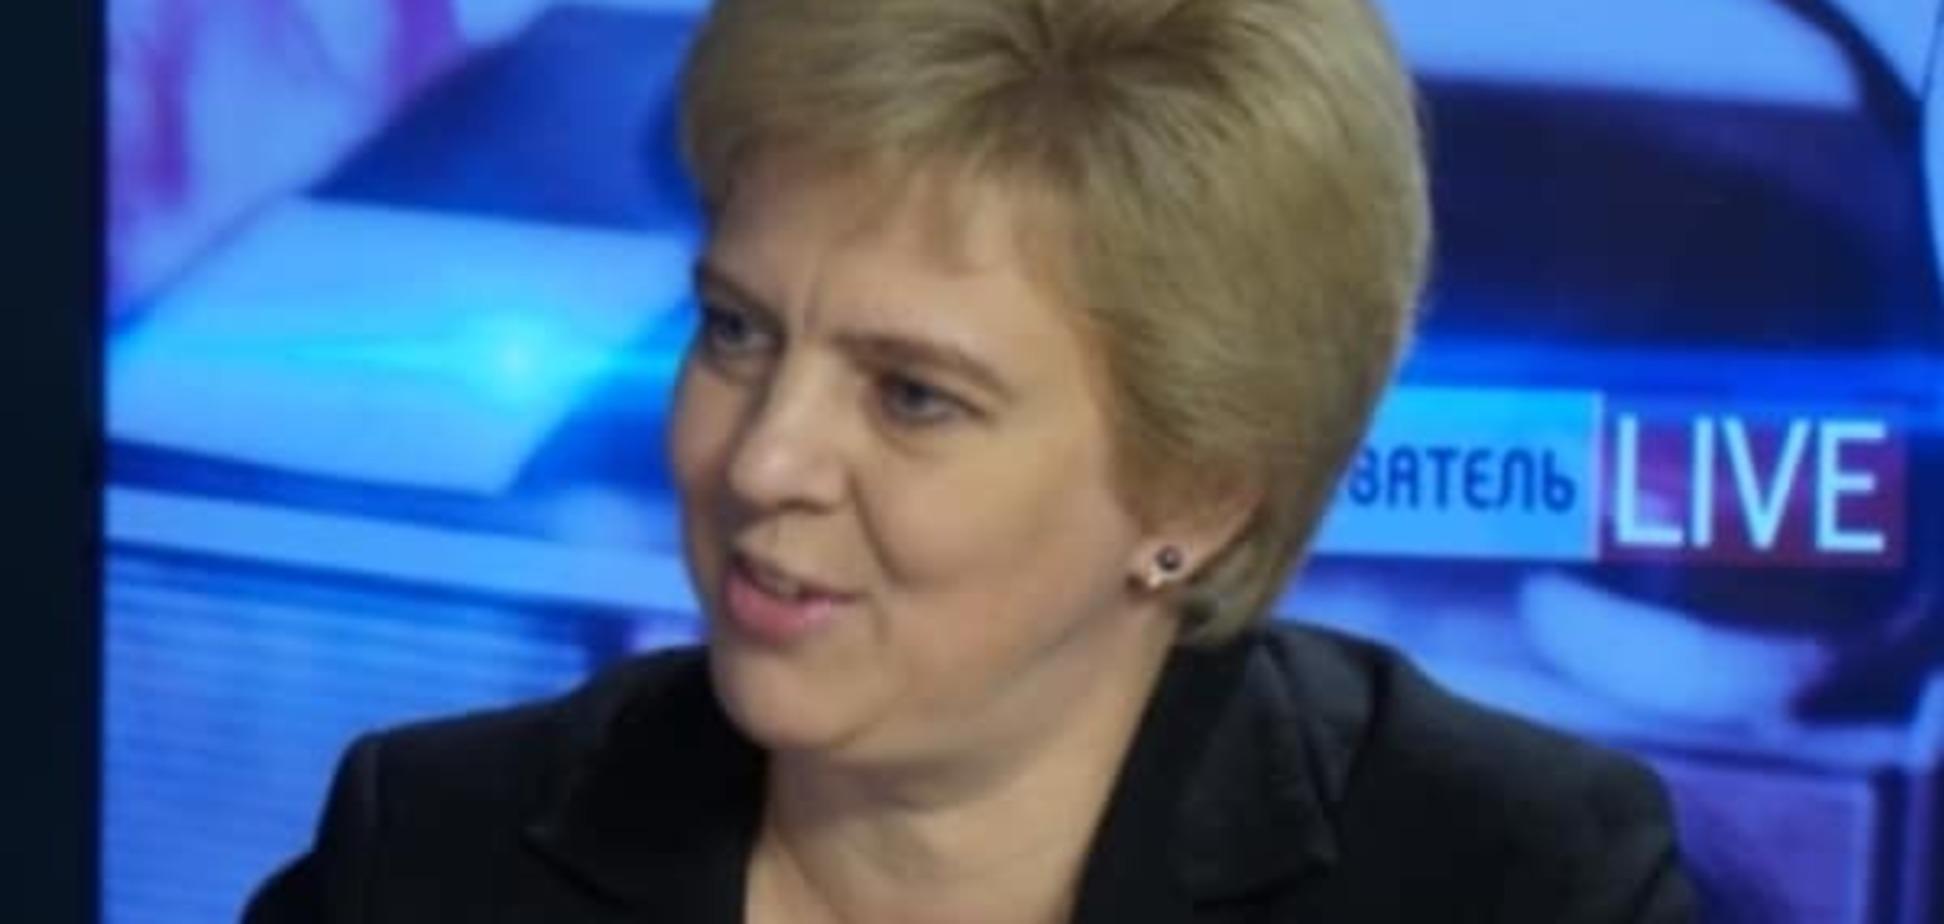 Багато дітей із Донбасу опинилися в 'підвішеному стані' - експерт